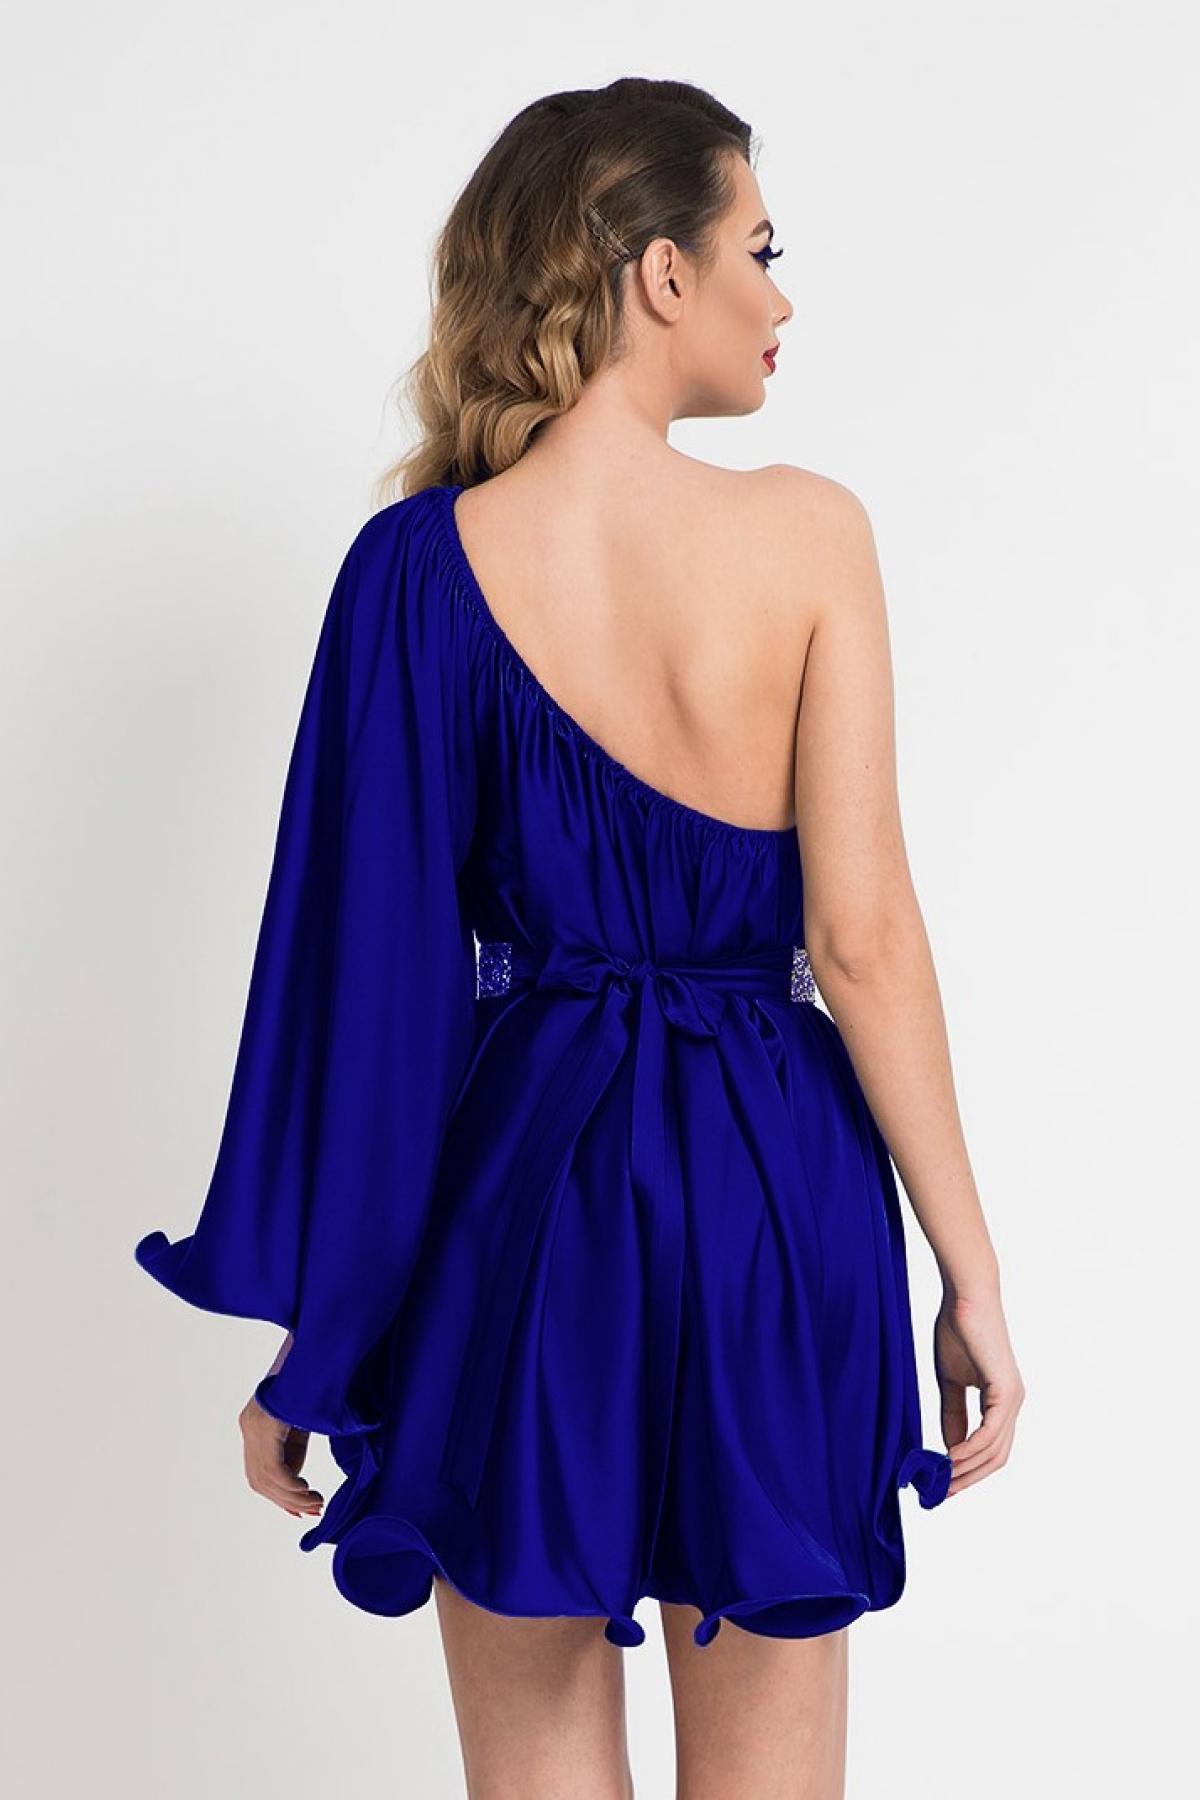 Rochie scurta de lux albastru electric cu maneca evazata aplicata